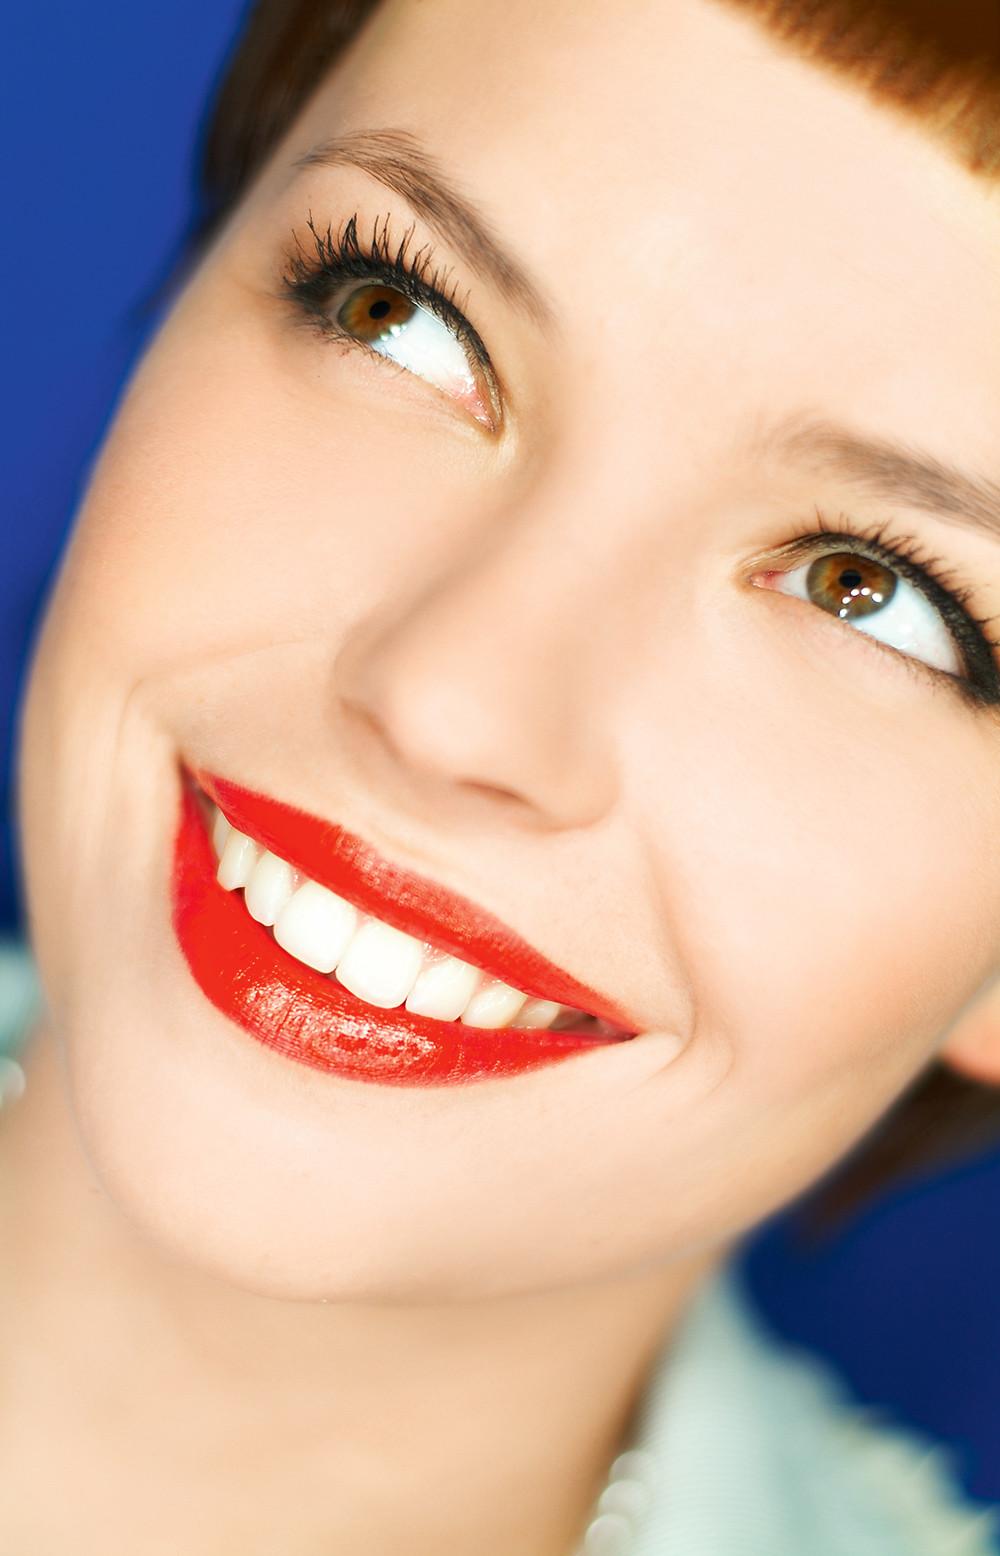 Способы отбеливания зубов: самые эффективные методы